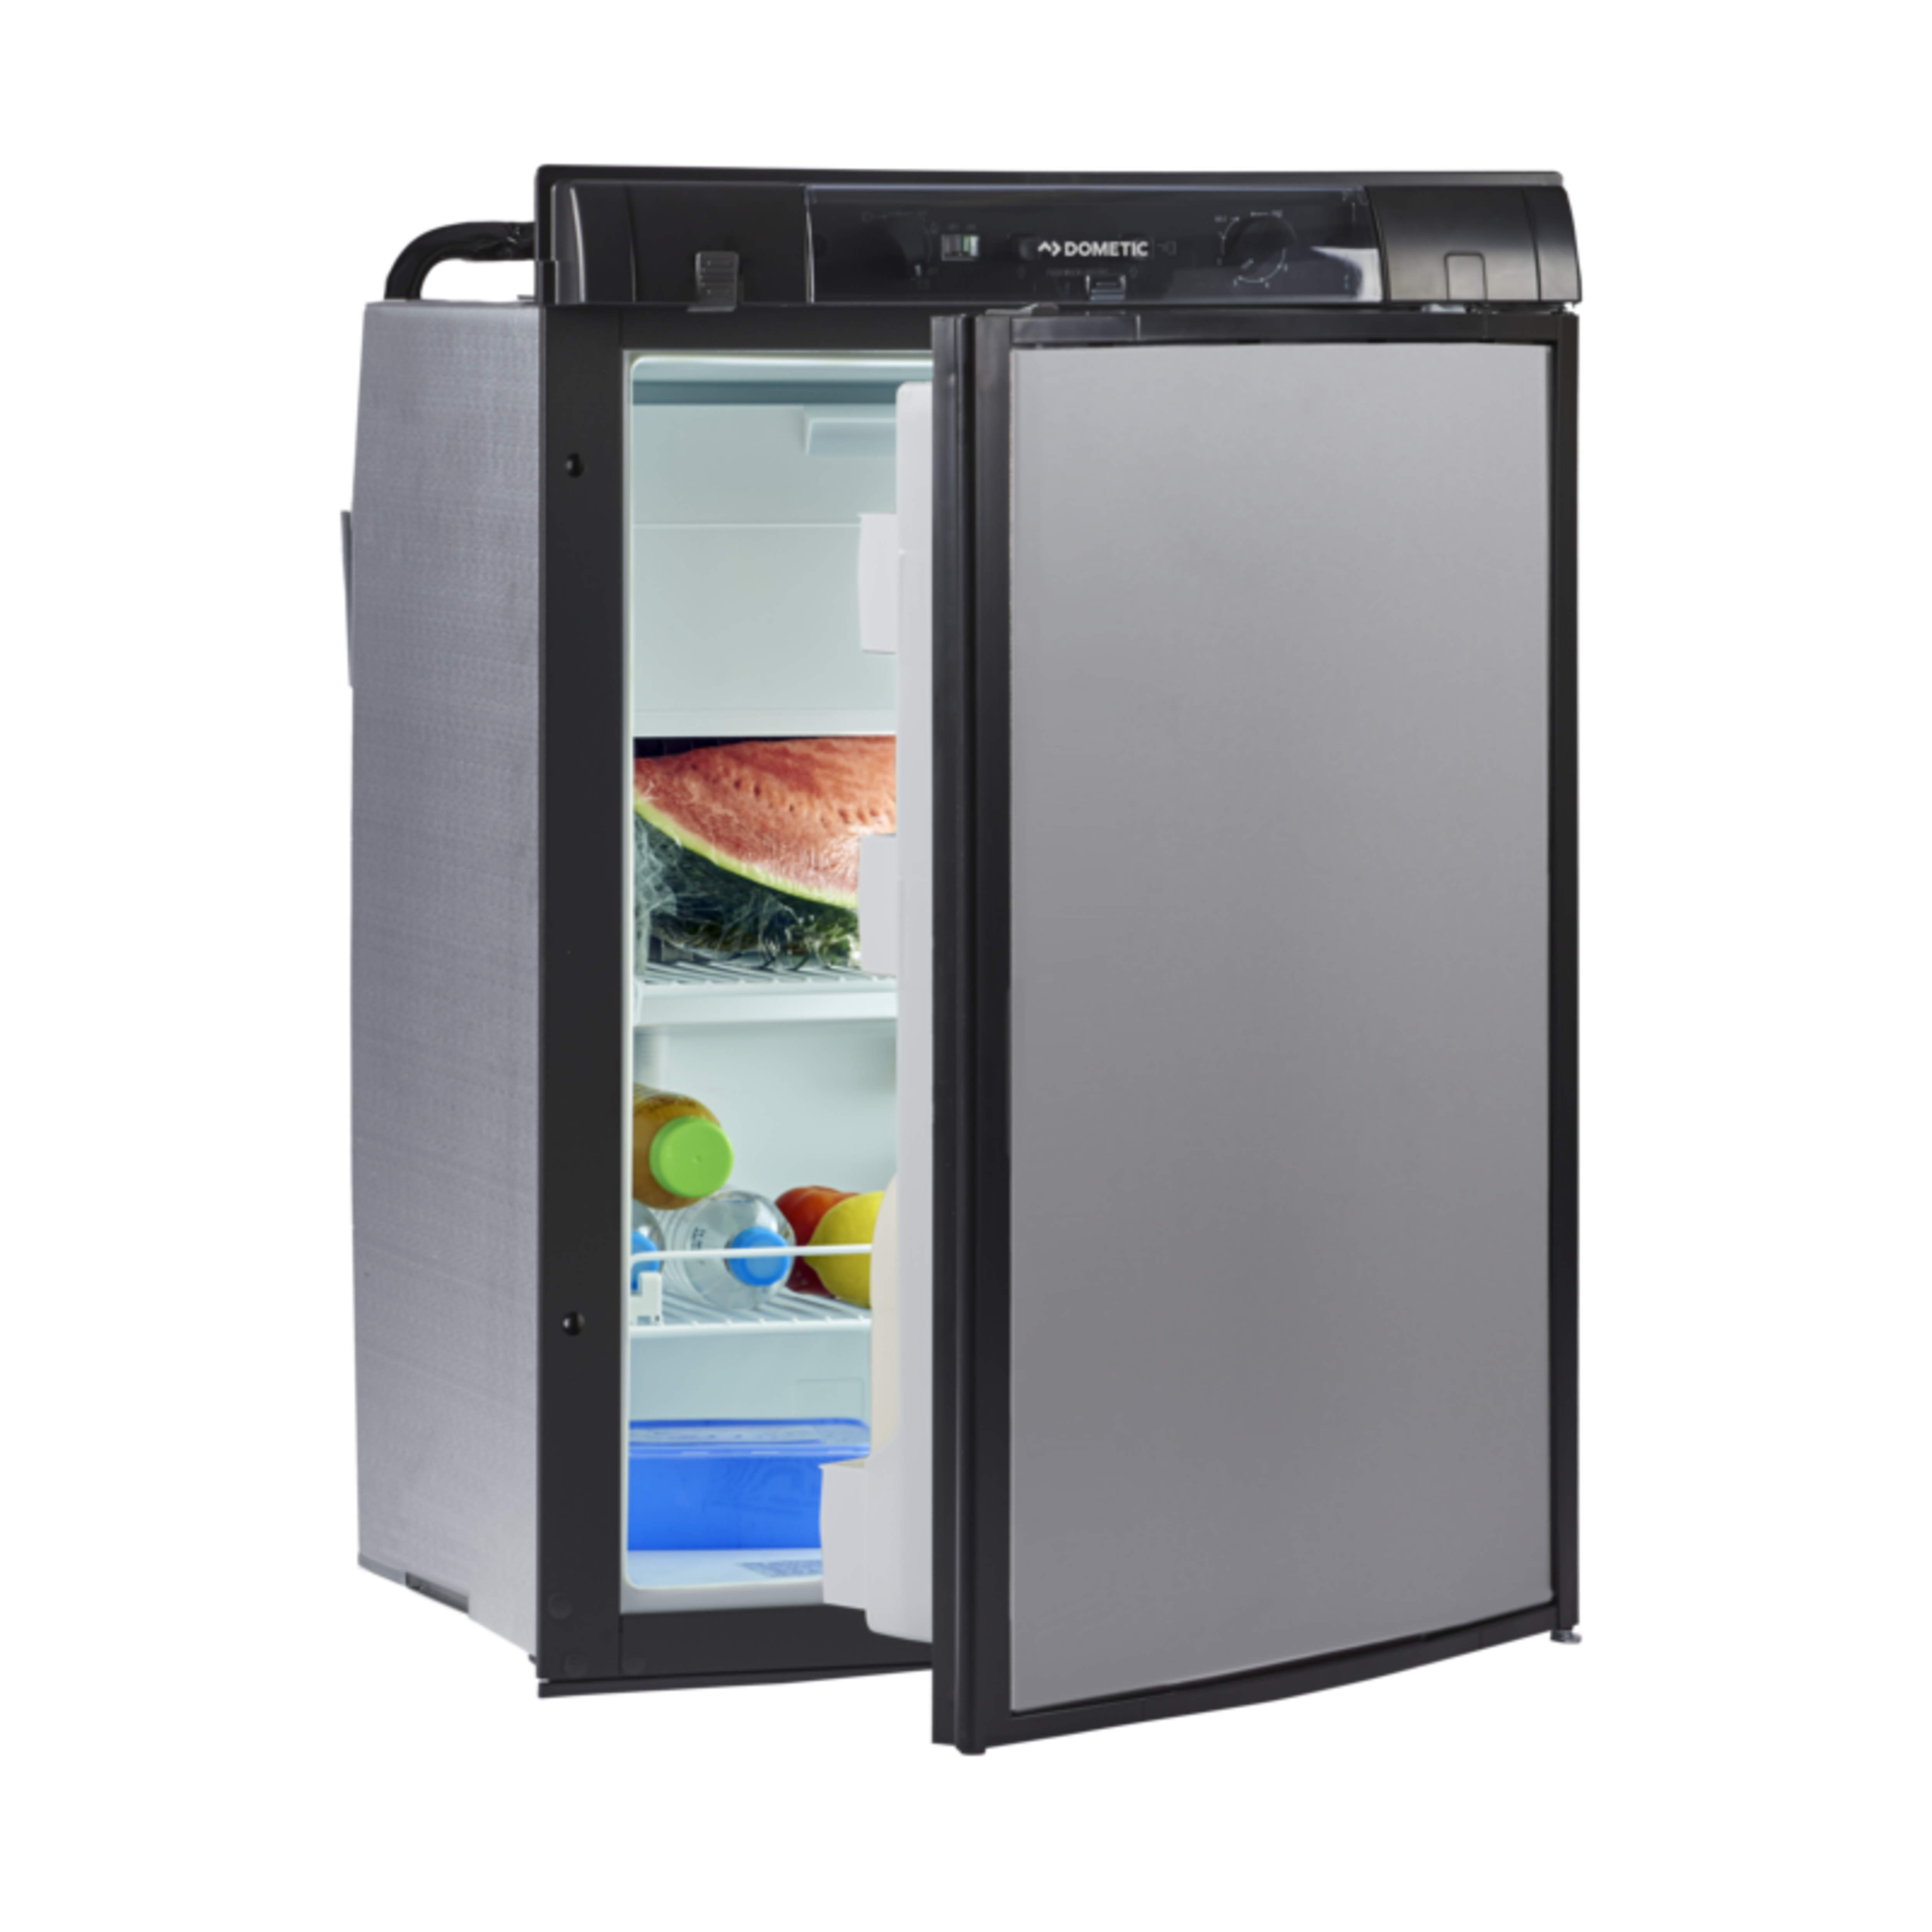 240 Volt Freezer Schematic - General Wiring Diagrams Waeco Refrigerator Wiring Diagram on